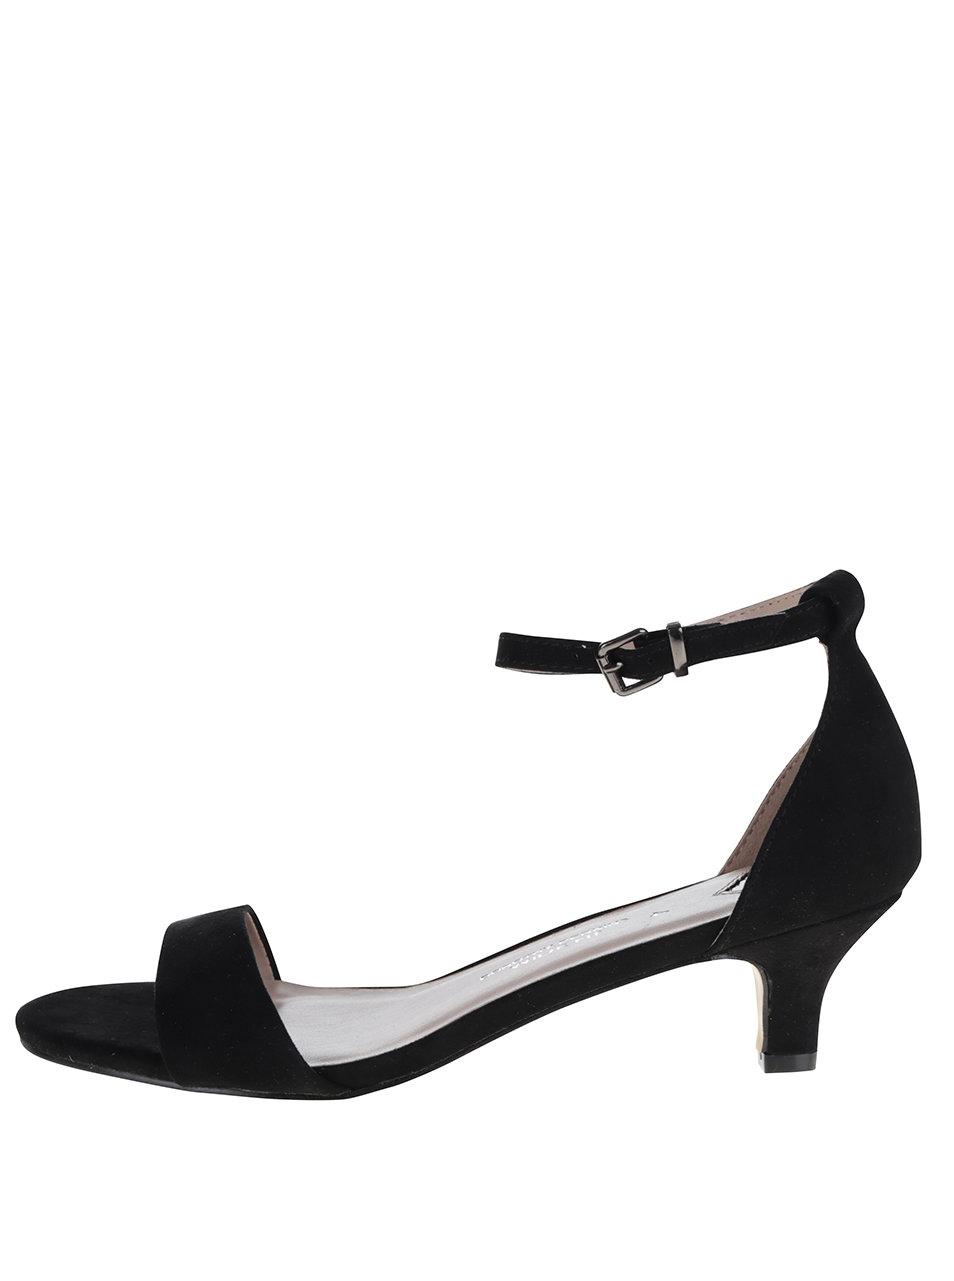 Černé sandálky na podpatku wide fit Dorothy Perkins ... 3d3de2f8b1